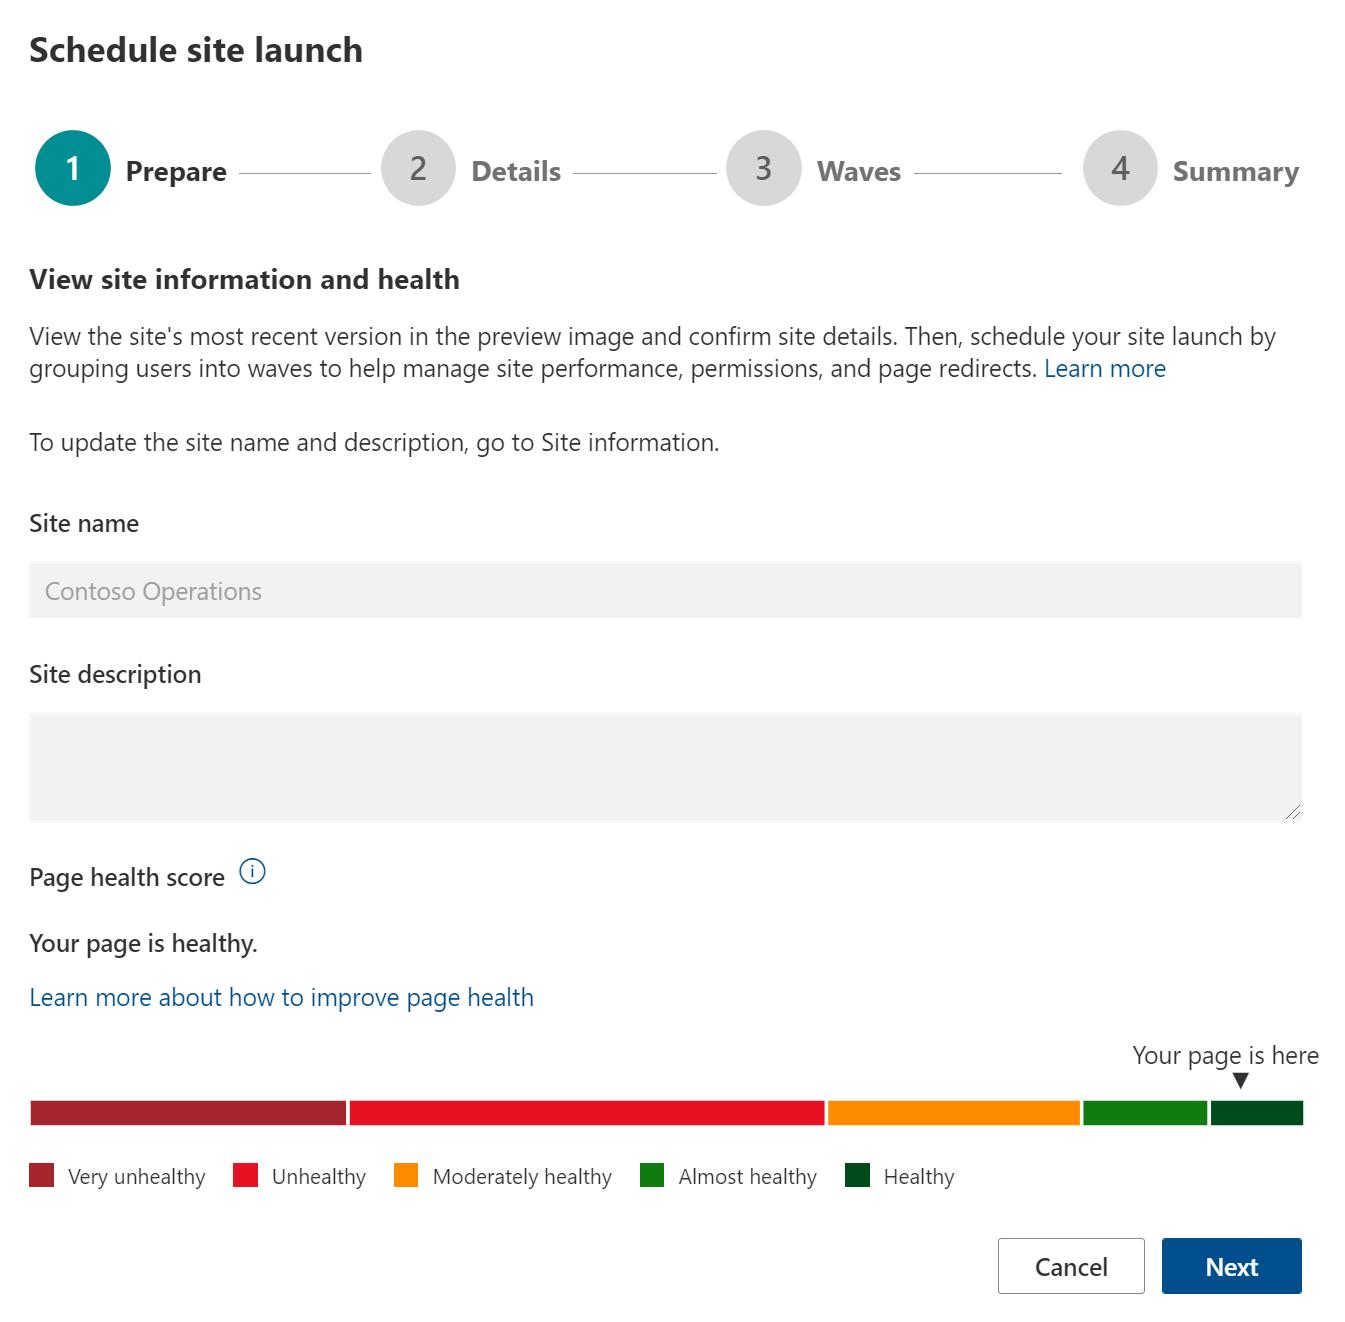 SharePoint Portal launch scheduler